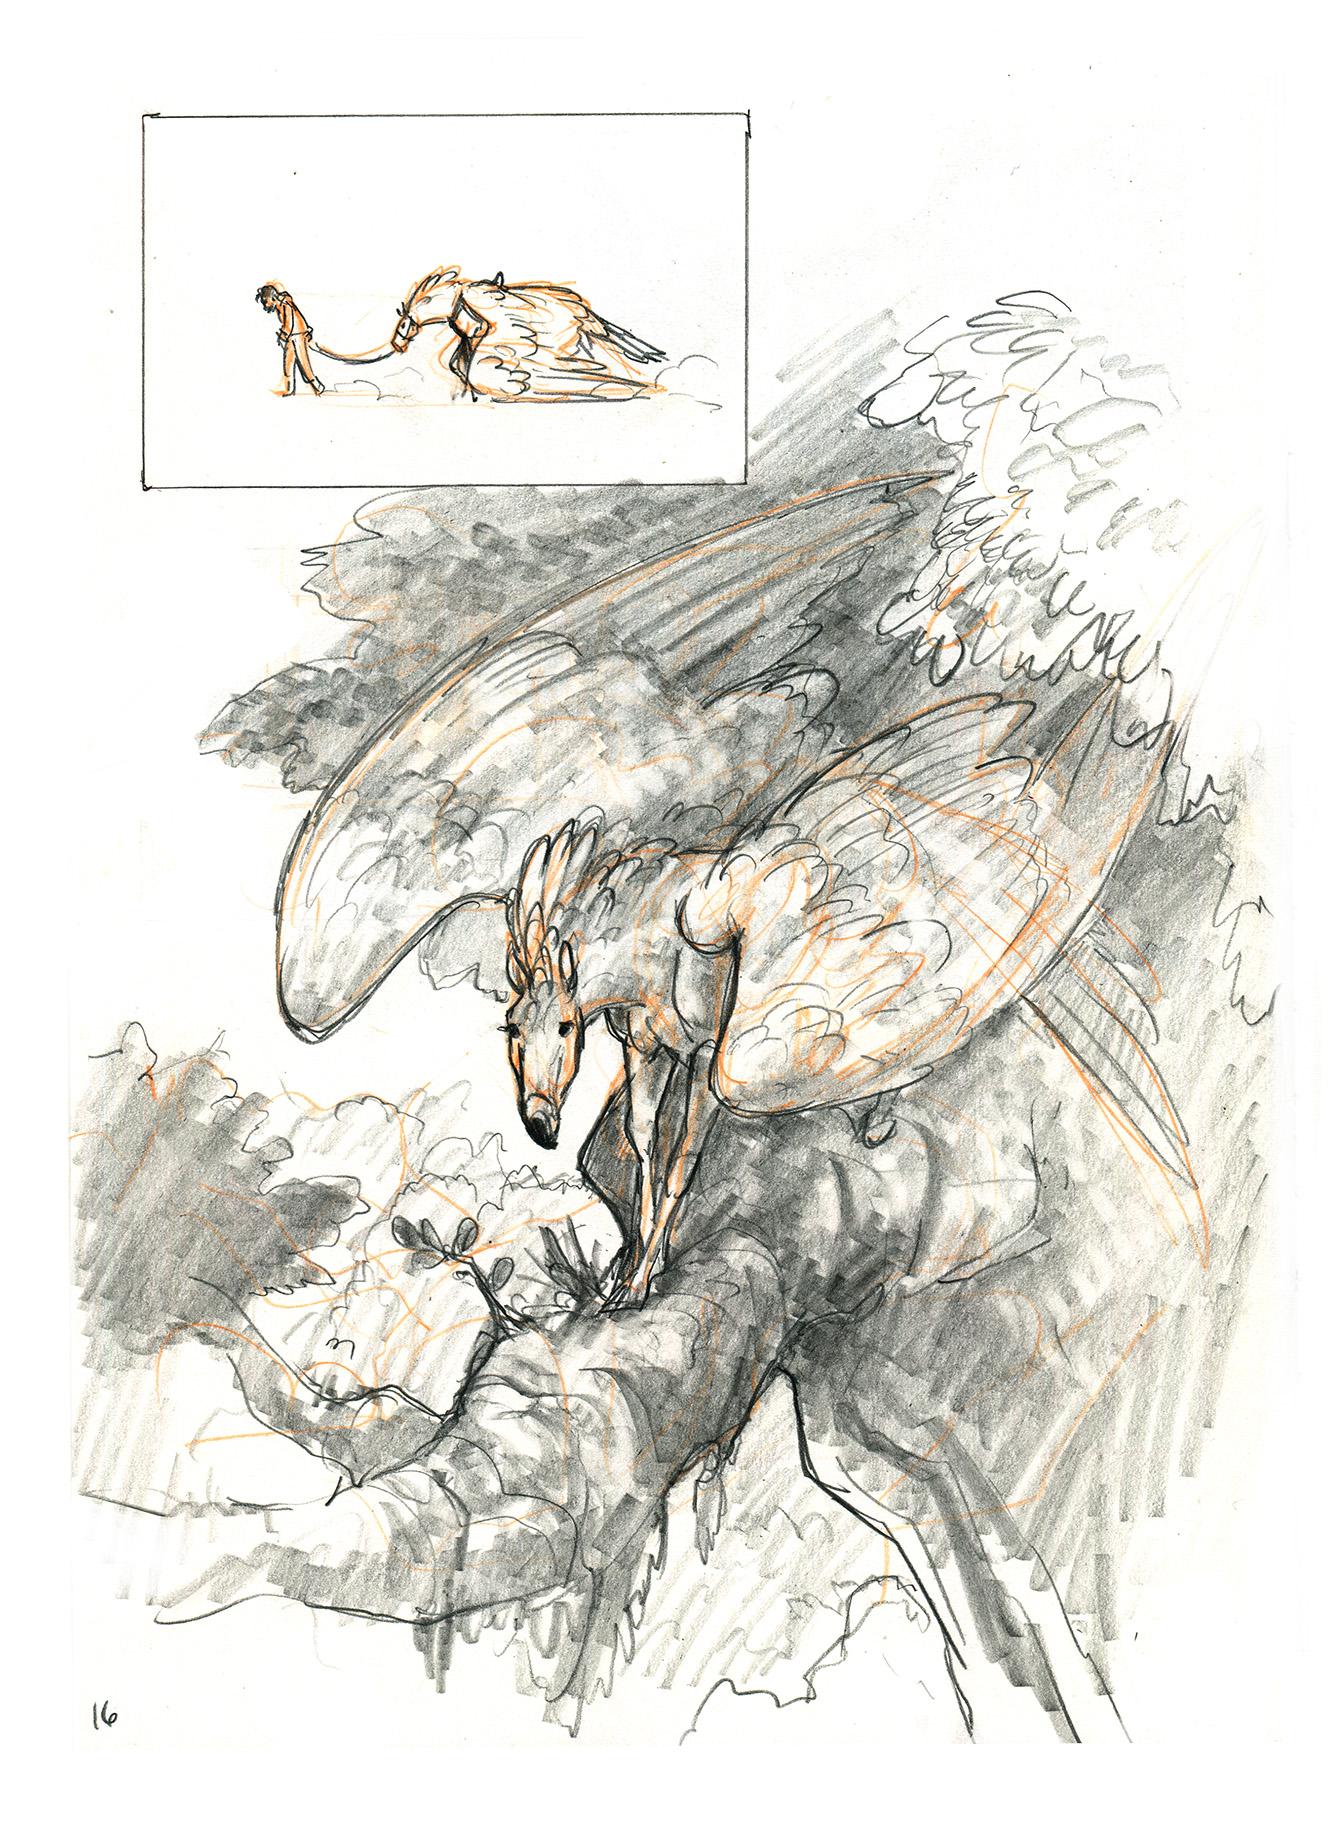 page 16 of my sketchbook - web.jpg